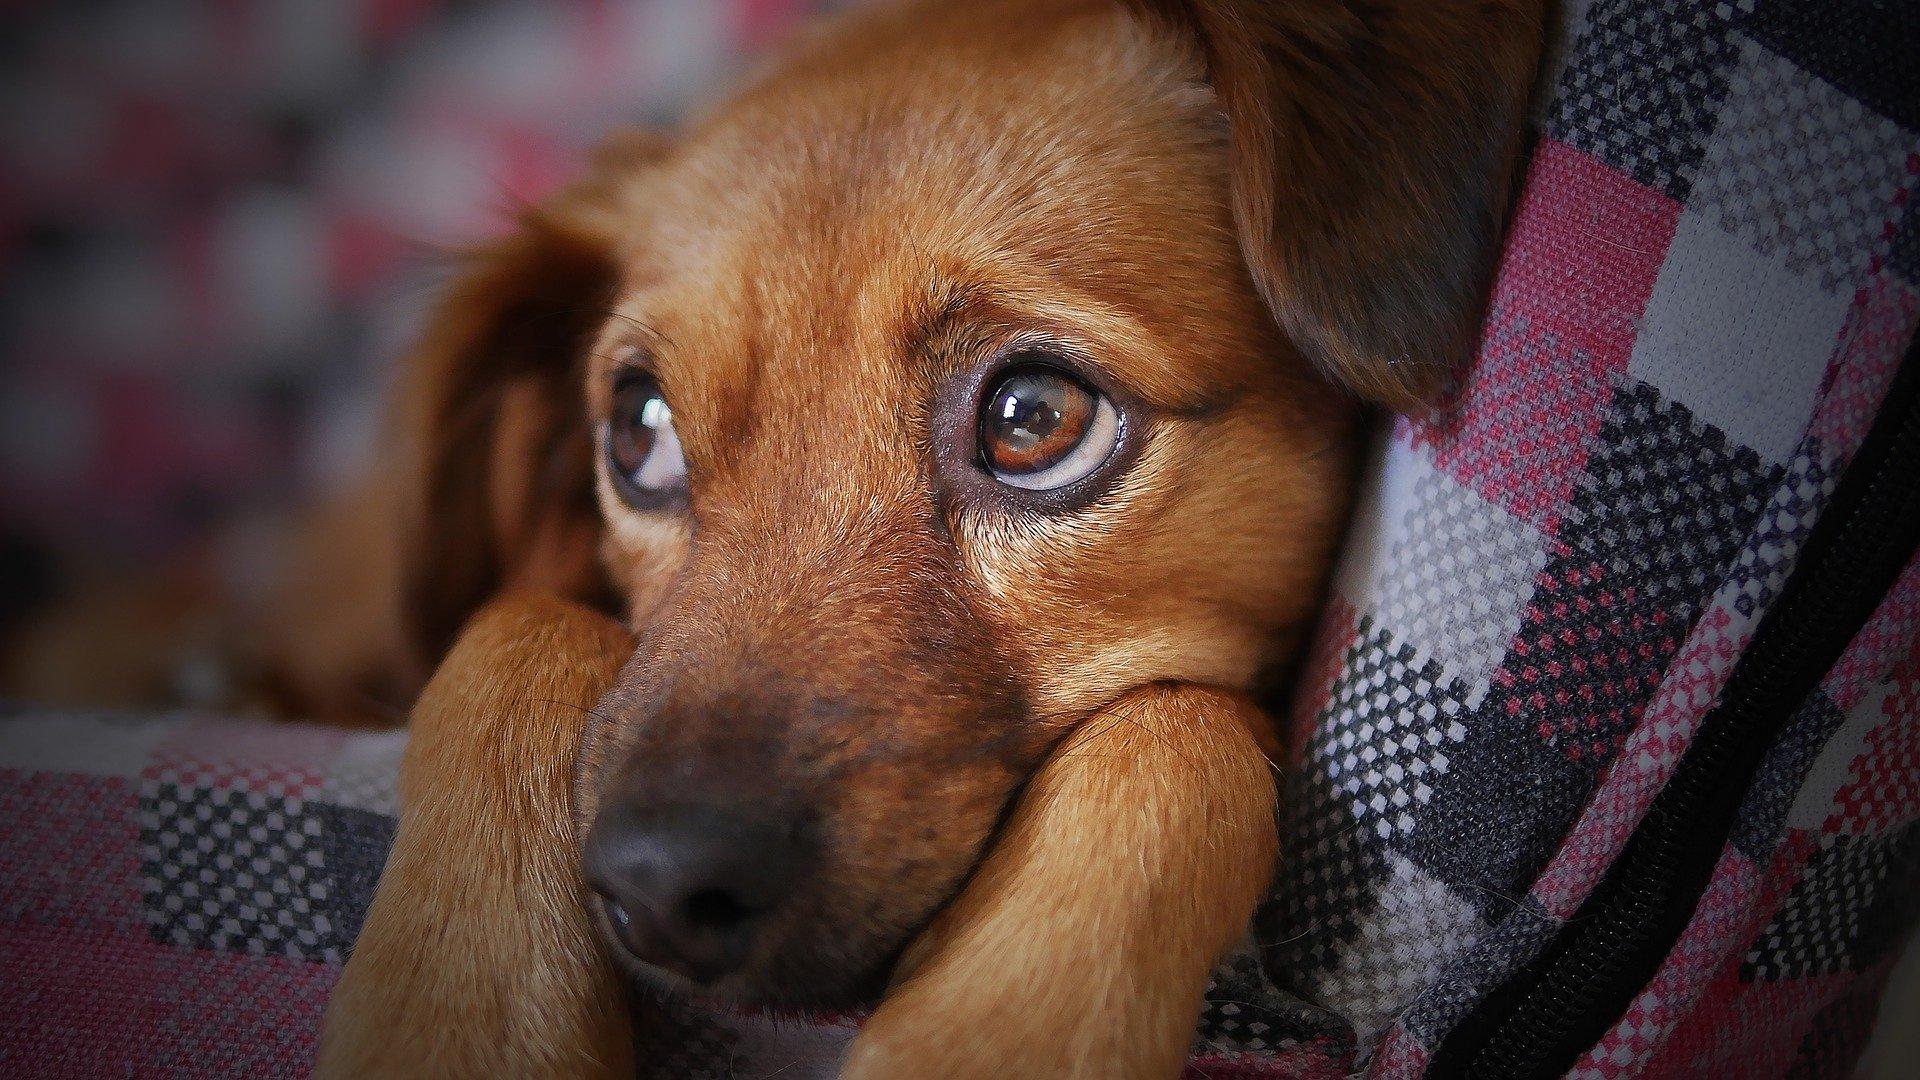 Результаты консервативного лечения грыж диска у собаки (Клинический случай консервативного лечения грыжи диска у собаки, или даже «излечения» грыжи). Консервативное лечение дископатии у собаки. Дископатия у собак